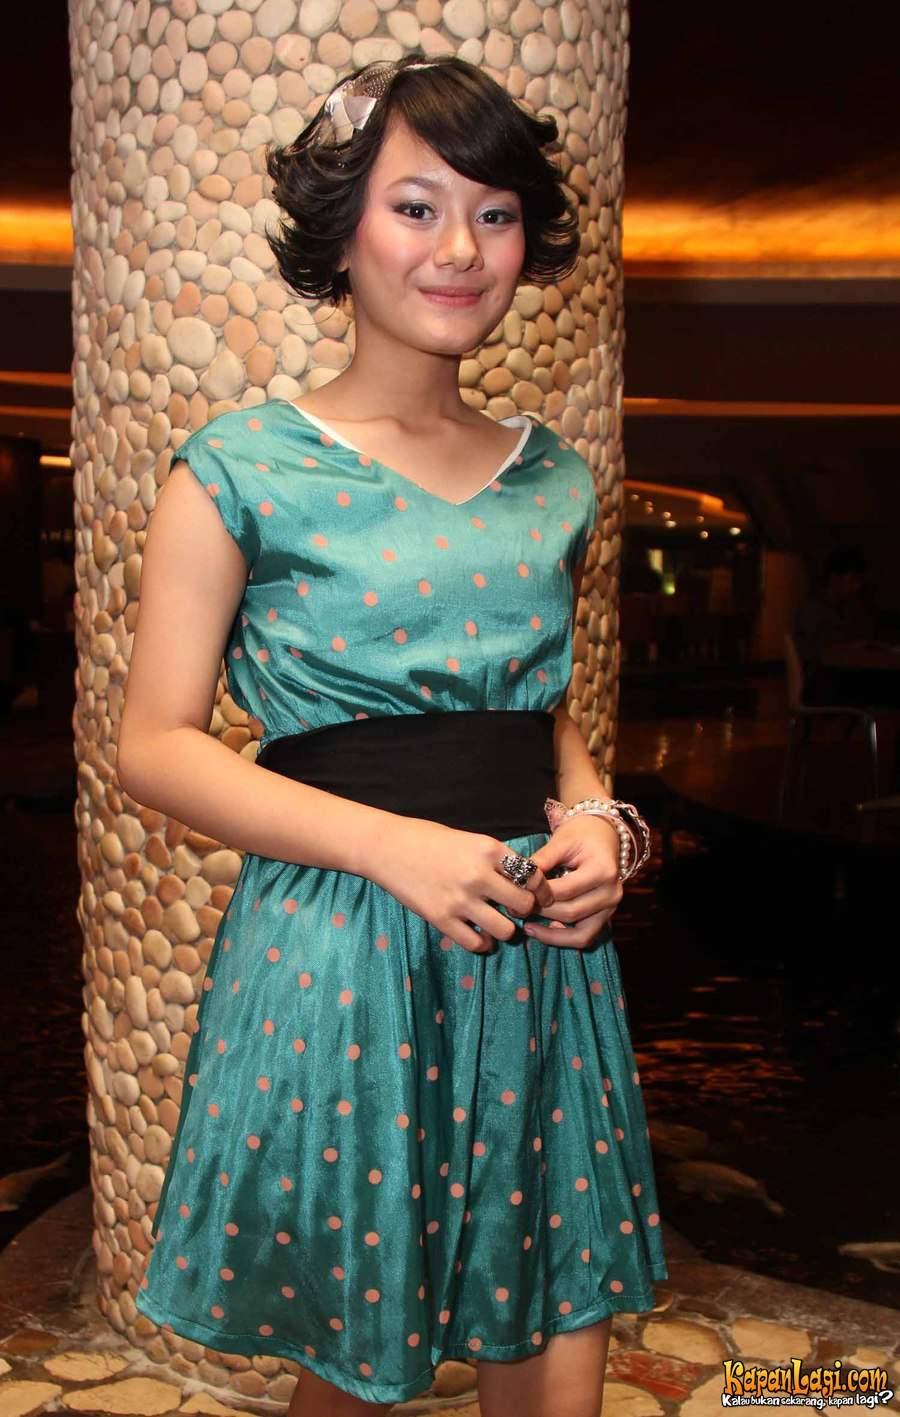 Dinda Hauw , adalah Artis Cantik Remaja Indonesia. Yang pernah